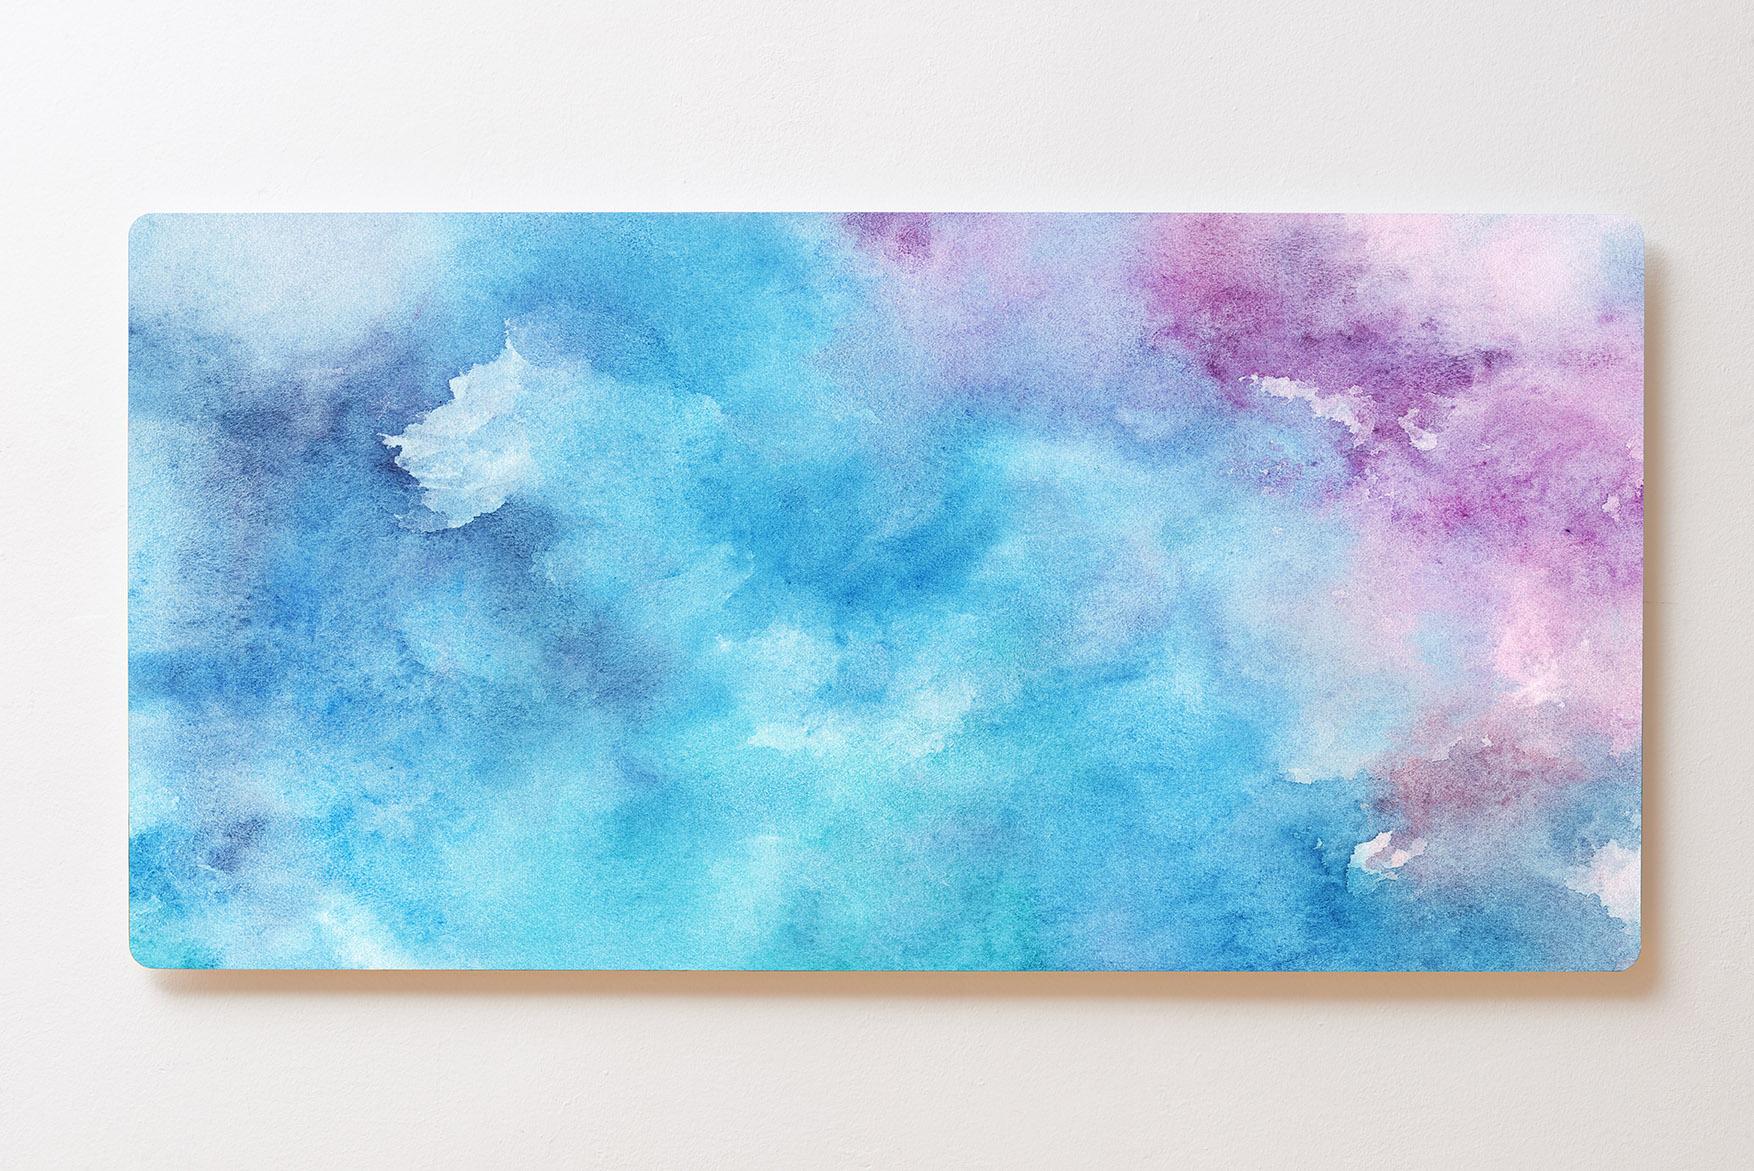 Magnettafel BACKLIGHT 120x60cm Motiv-Wandbild M121 Abstrakt Kunst